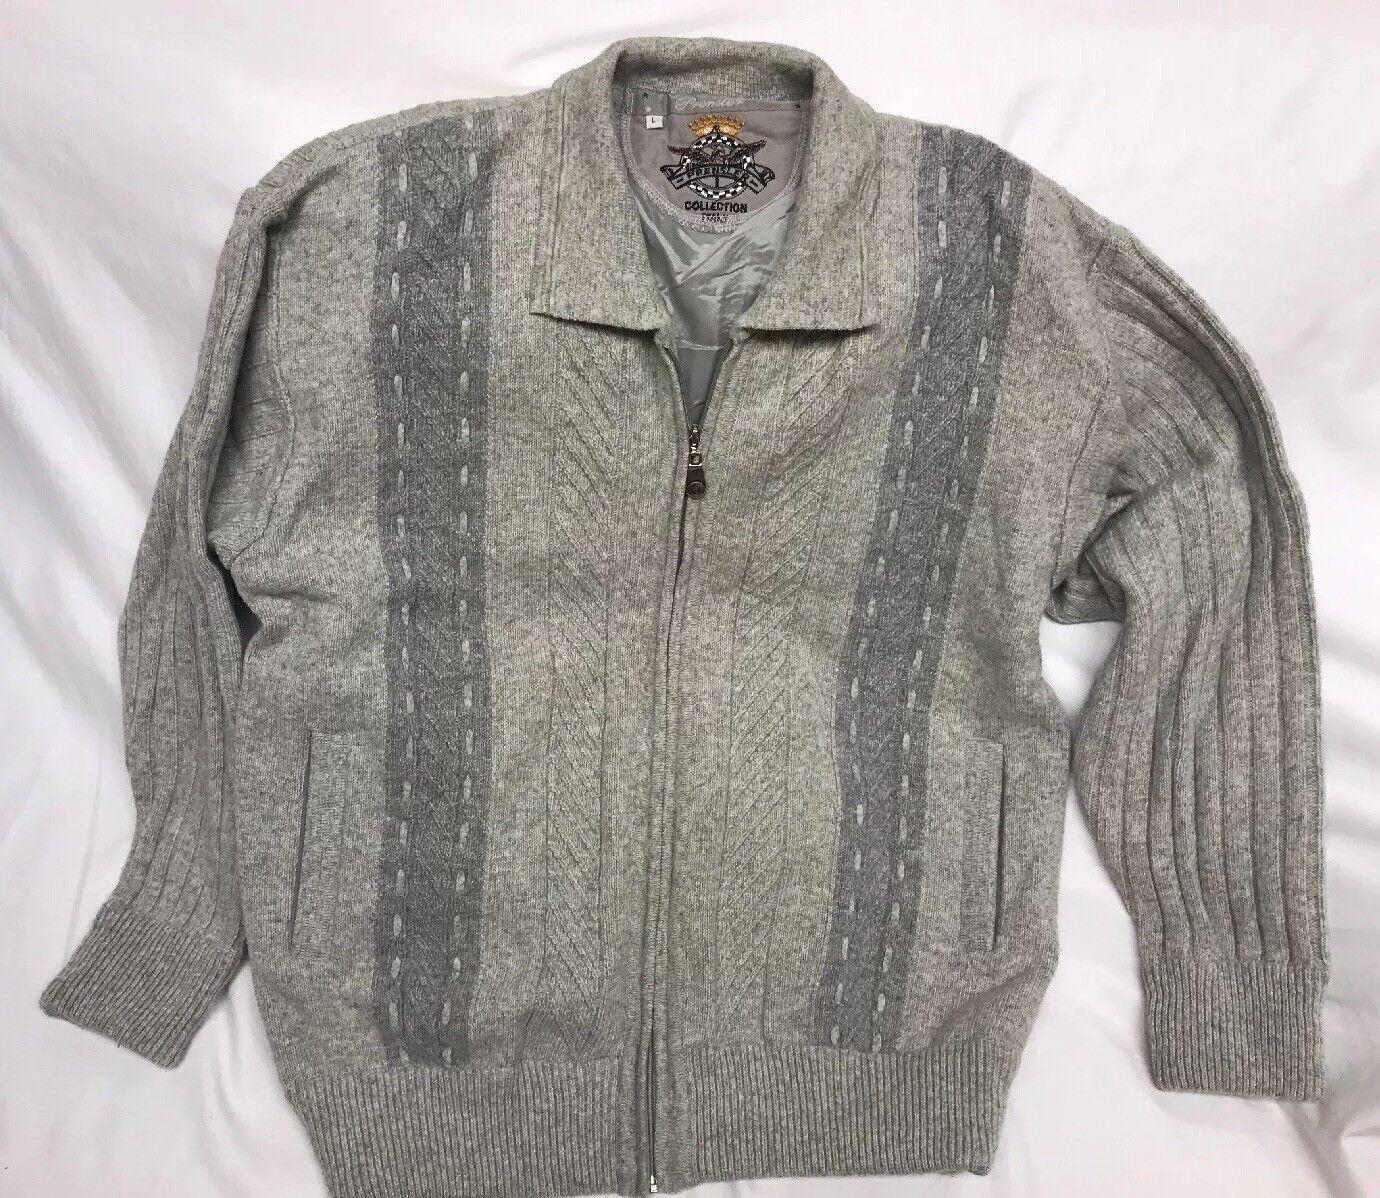 Unique Prensler  Sweater Zipper Cardigan  Herren L 80% Lambswool 20% Acrylic